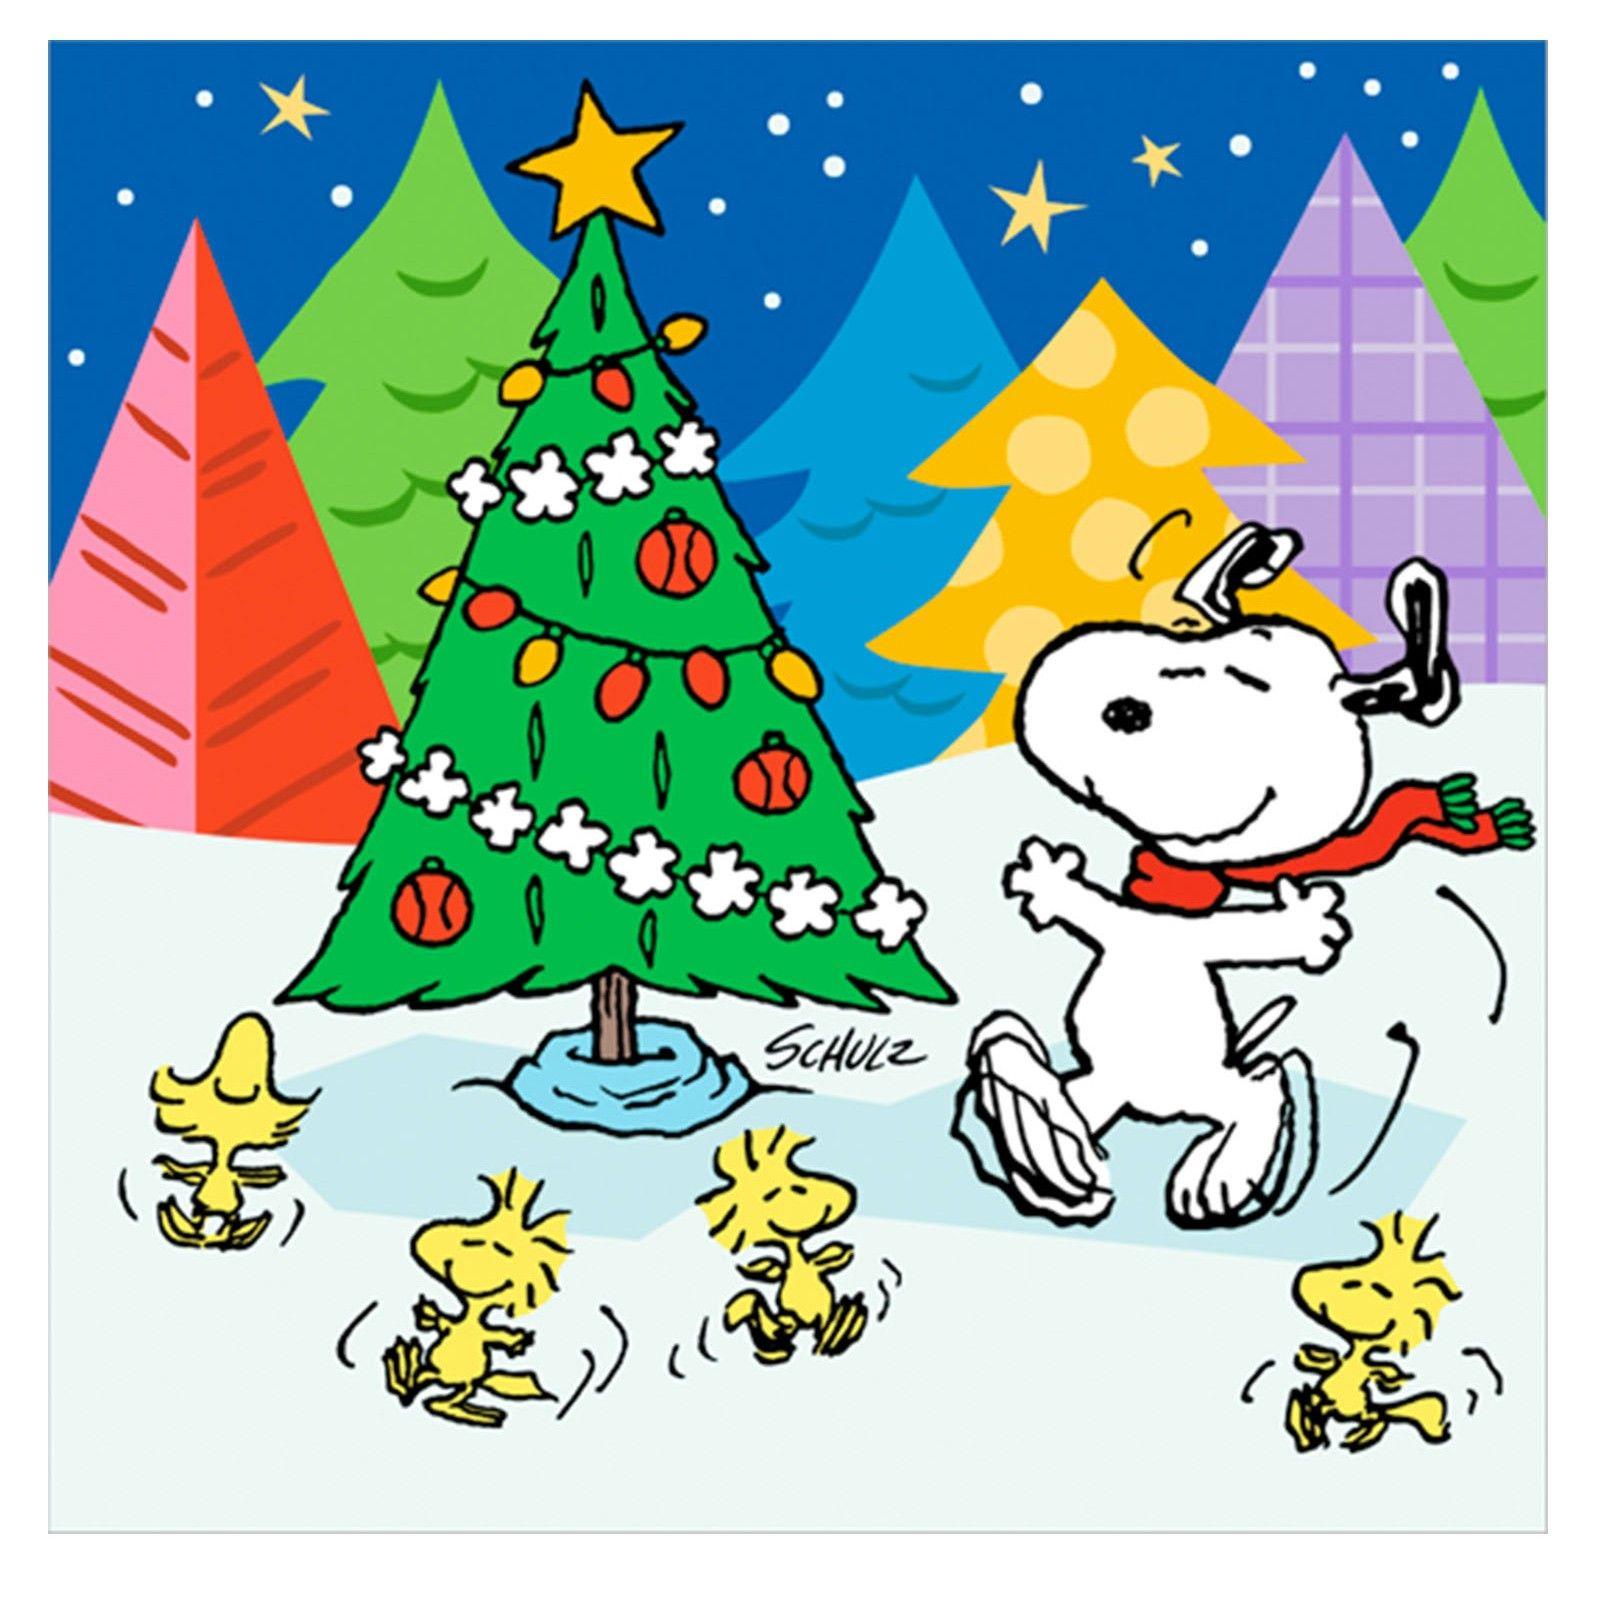 birthdayexpress christmas snoopychristmas - Christmas Snoopy